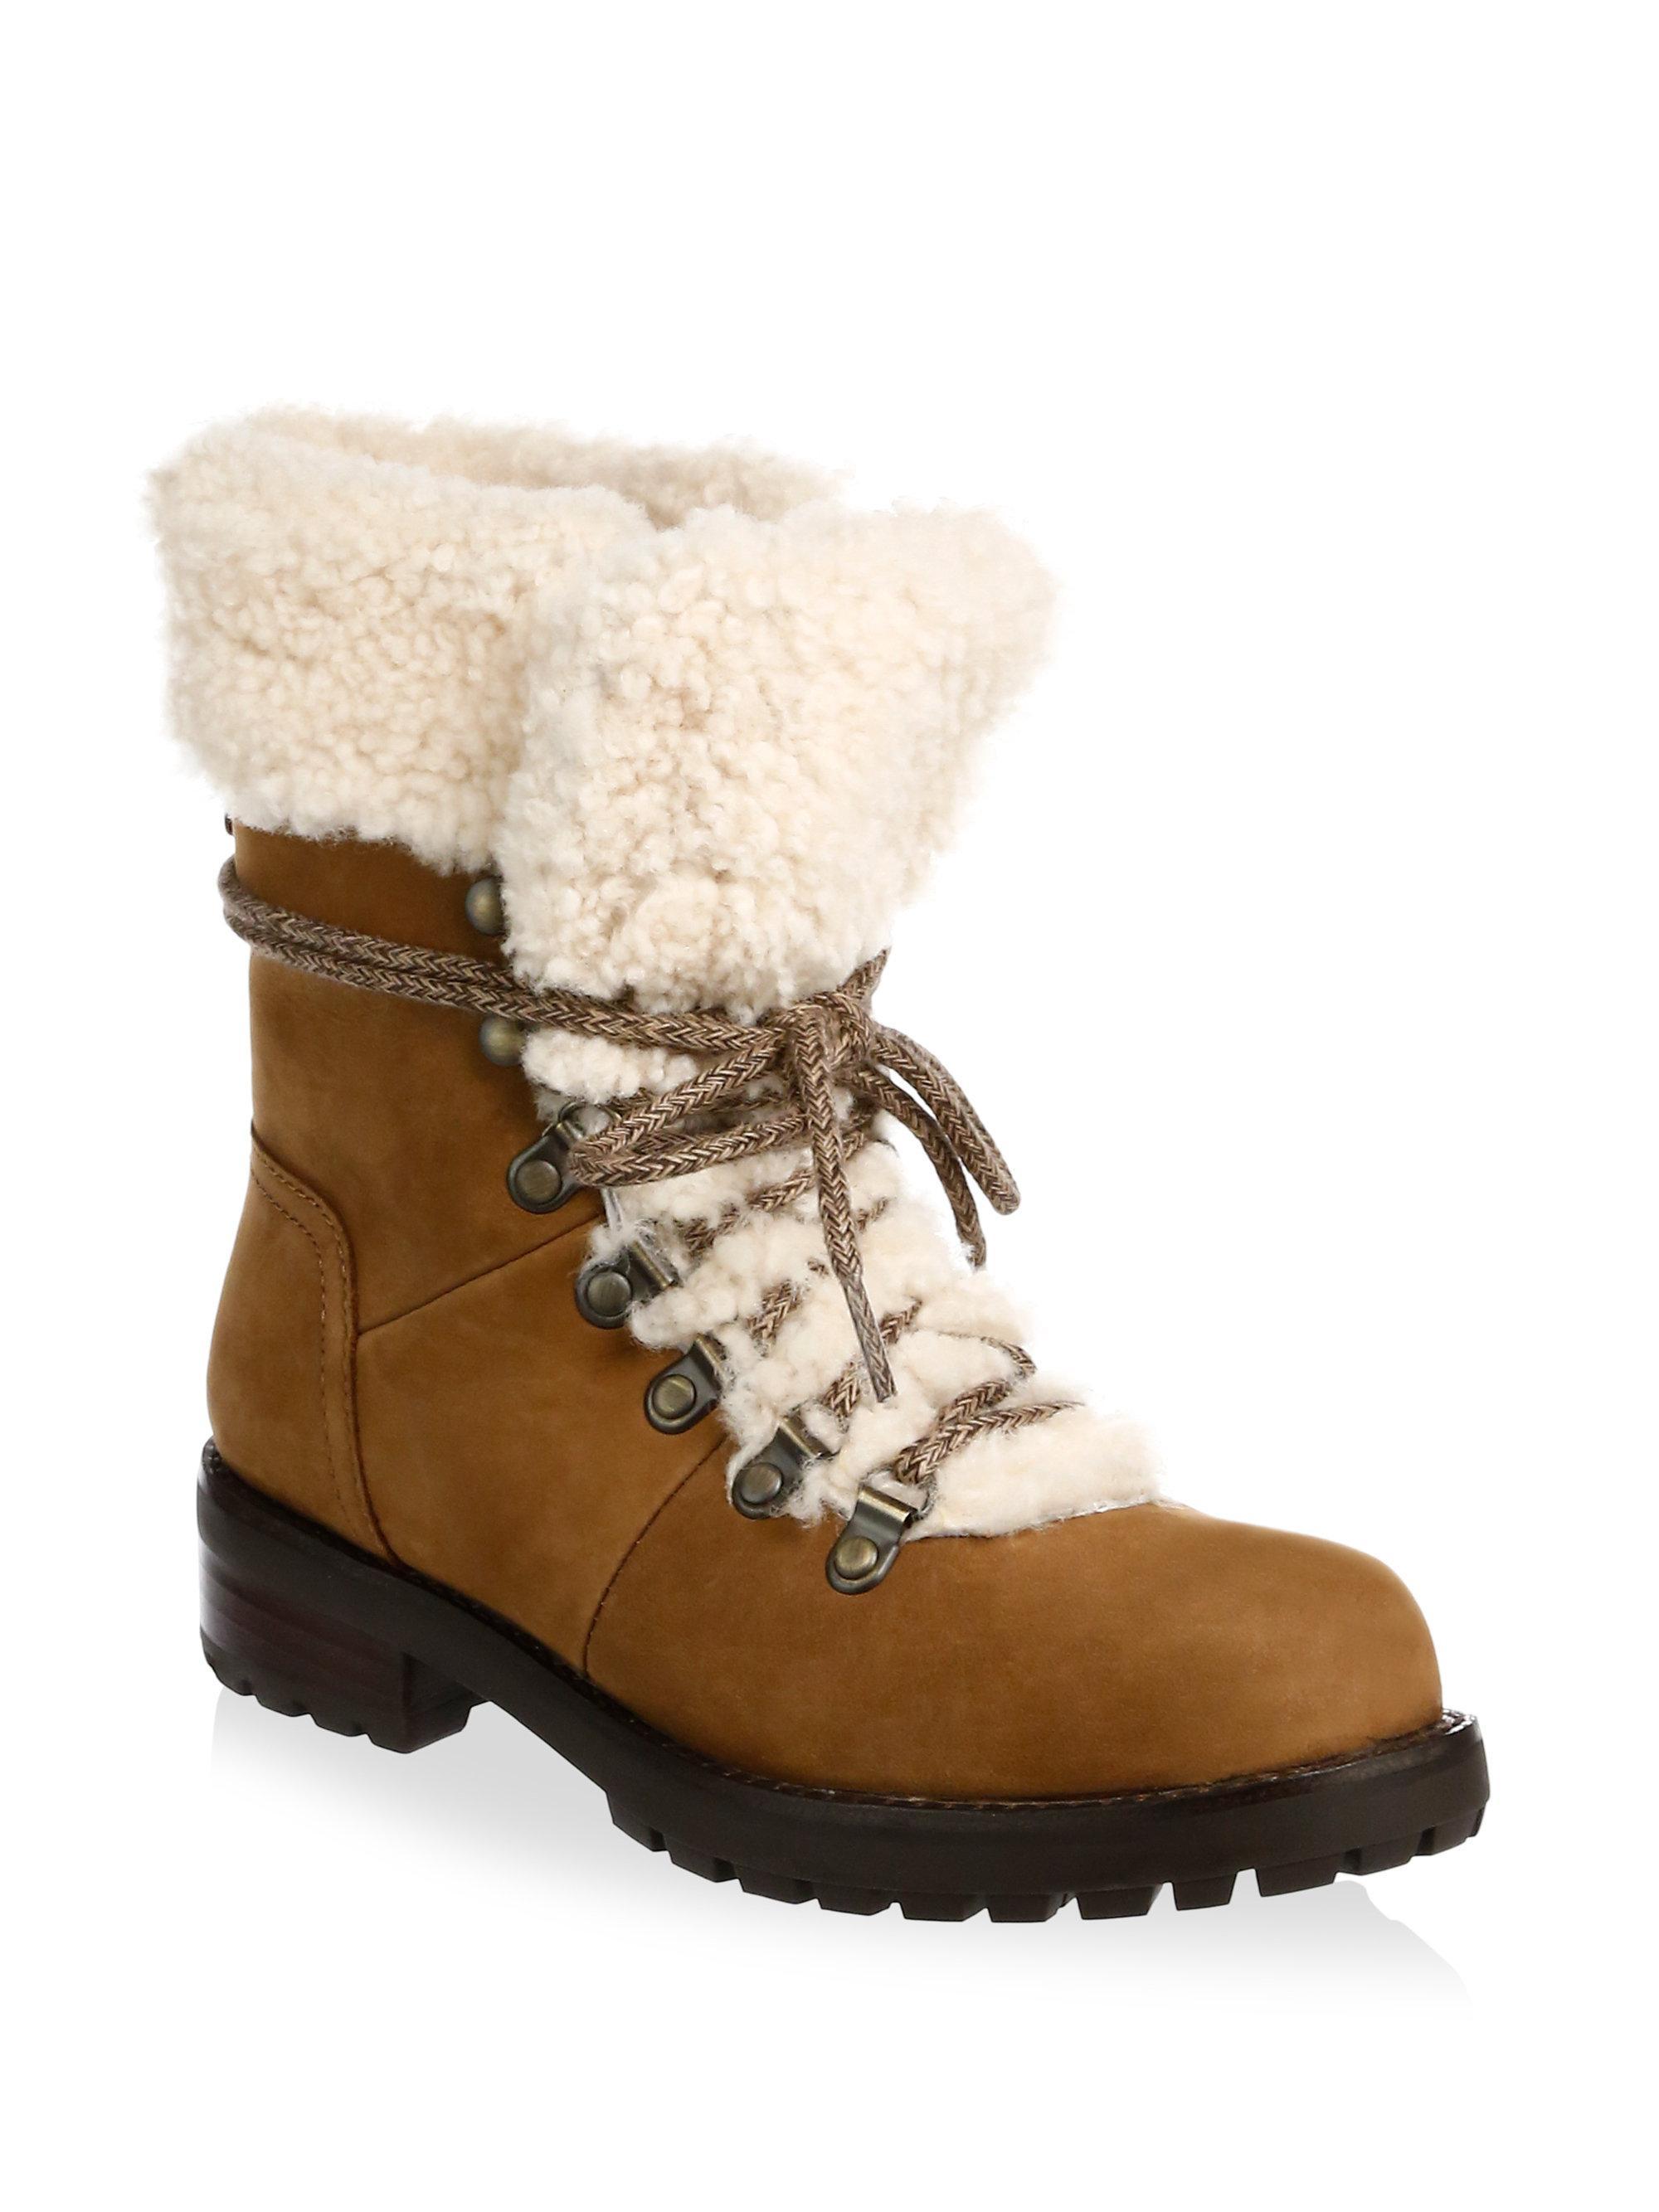 Ugg Fraser Véritable Chaussure Doublée En Peau De Mouton Footaction Sortie Acheter Pas Cher Faux Sneakernews Discount E7ZPQ